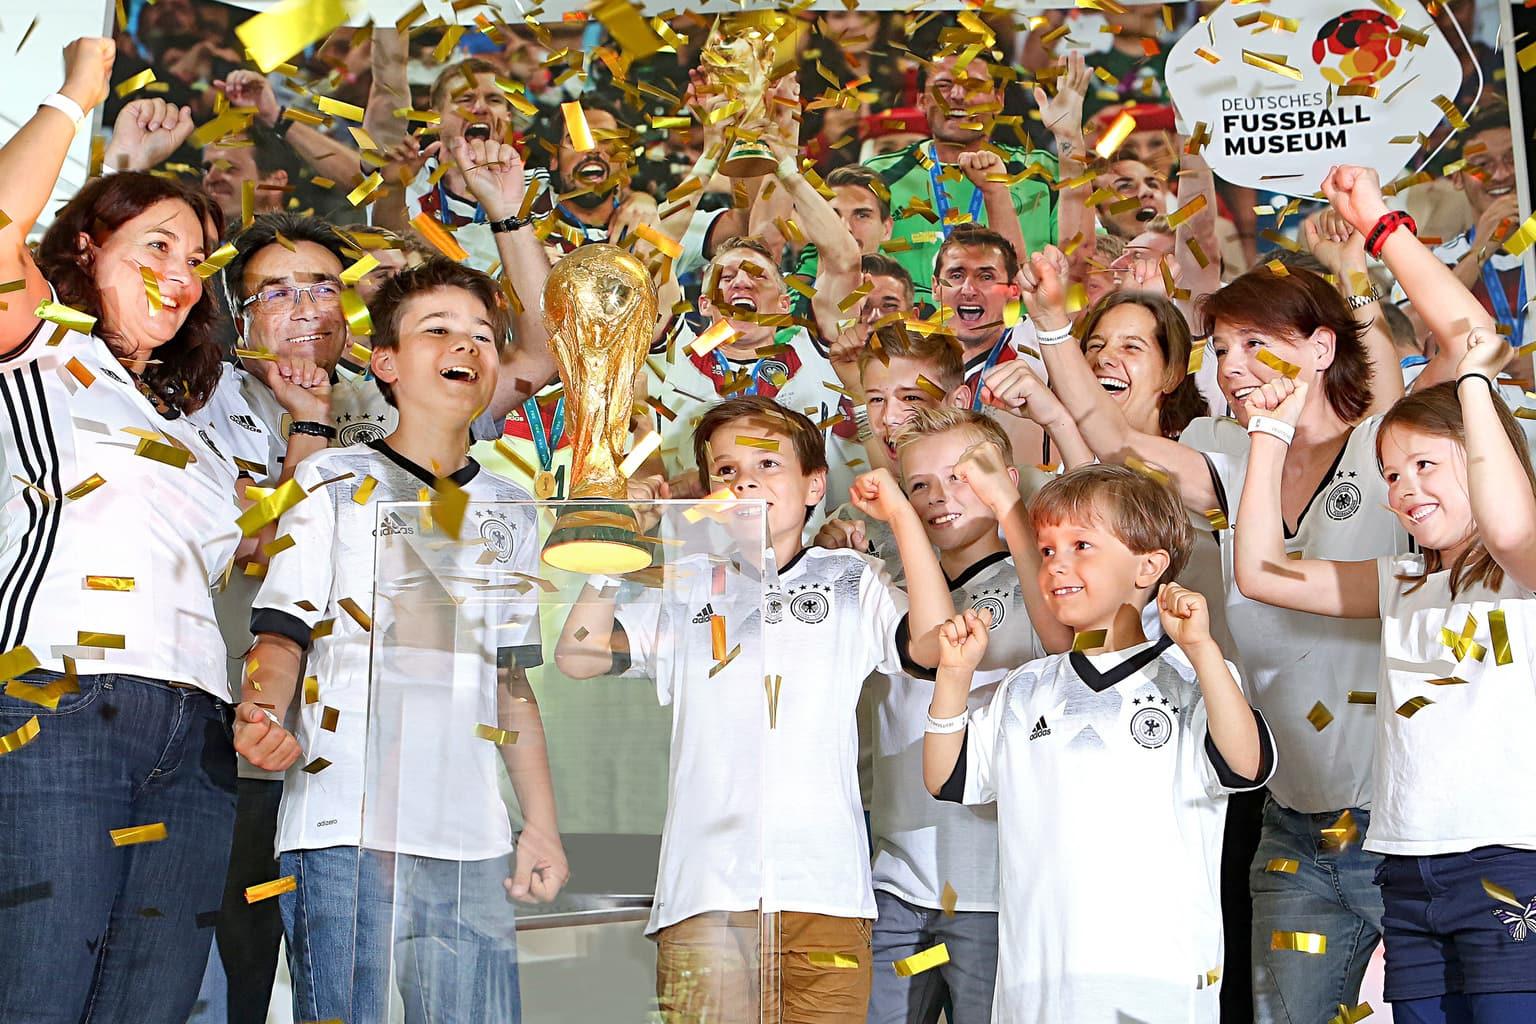 Kinderen bij huldiging in het Duits voetbalmuseum in Dortmund